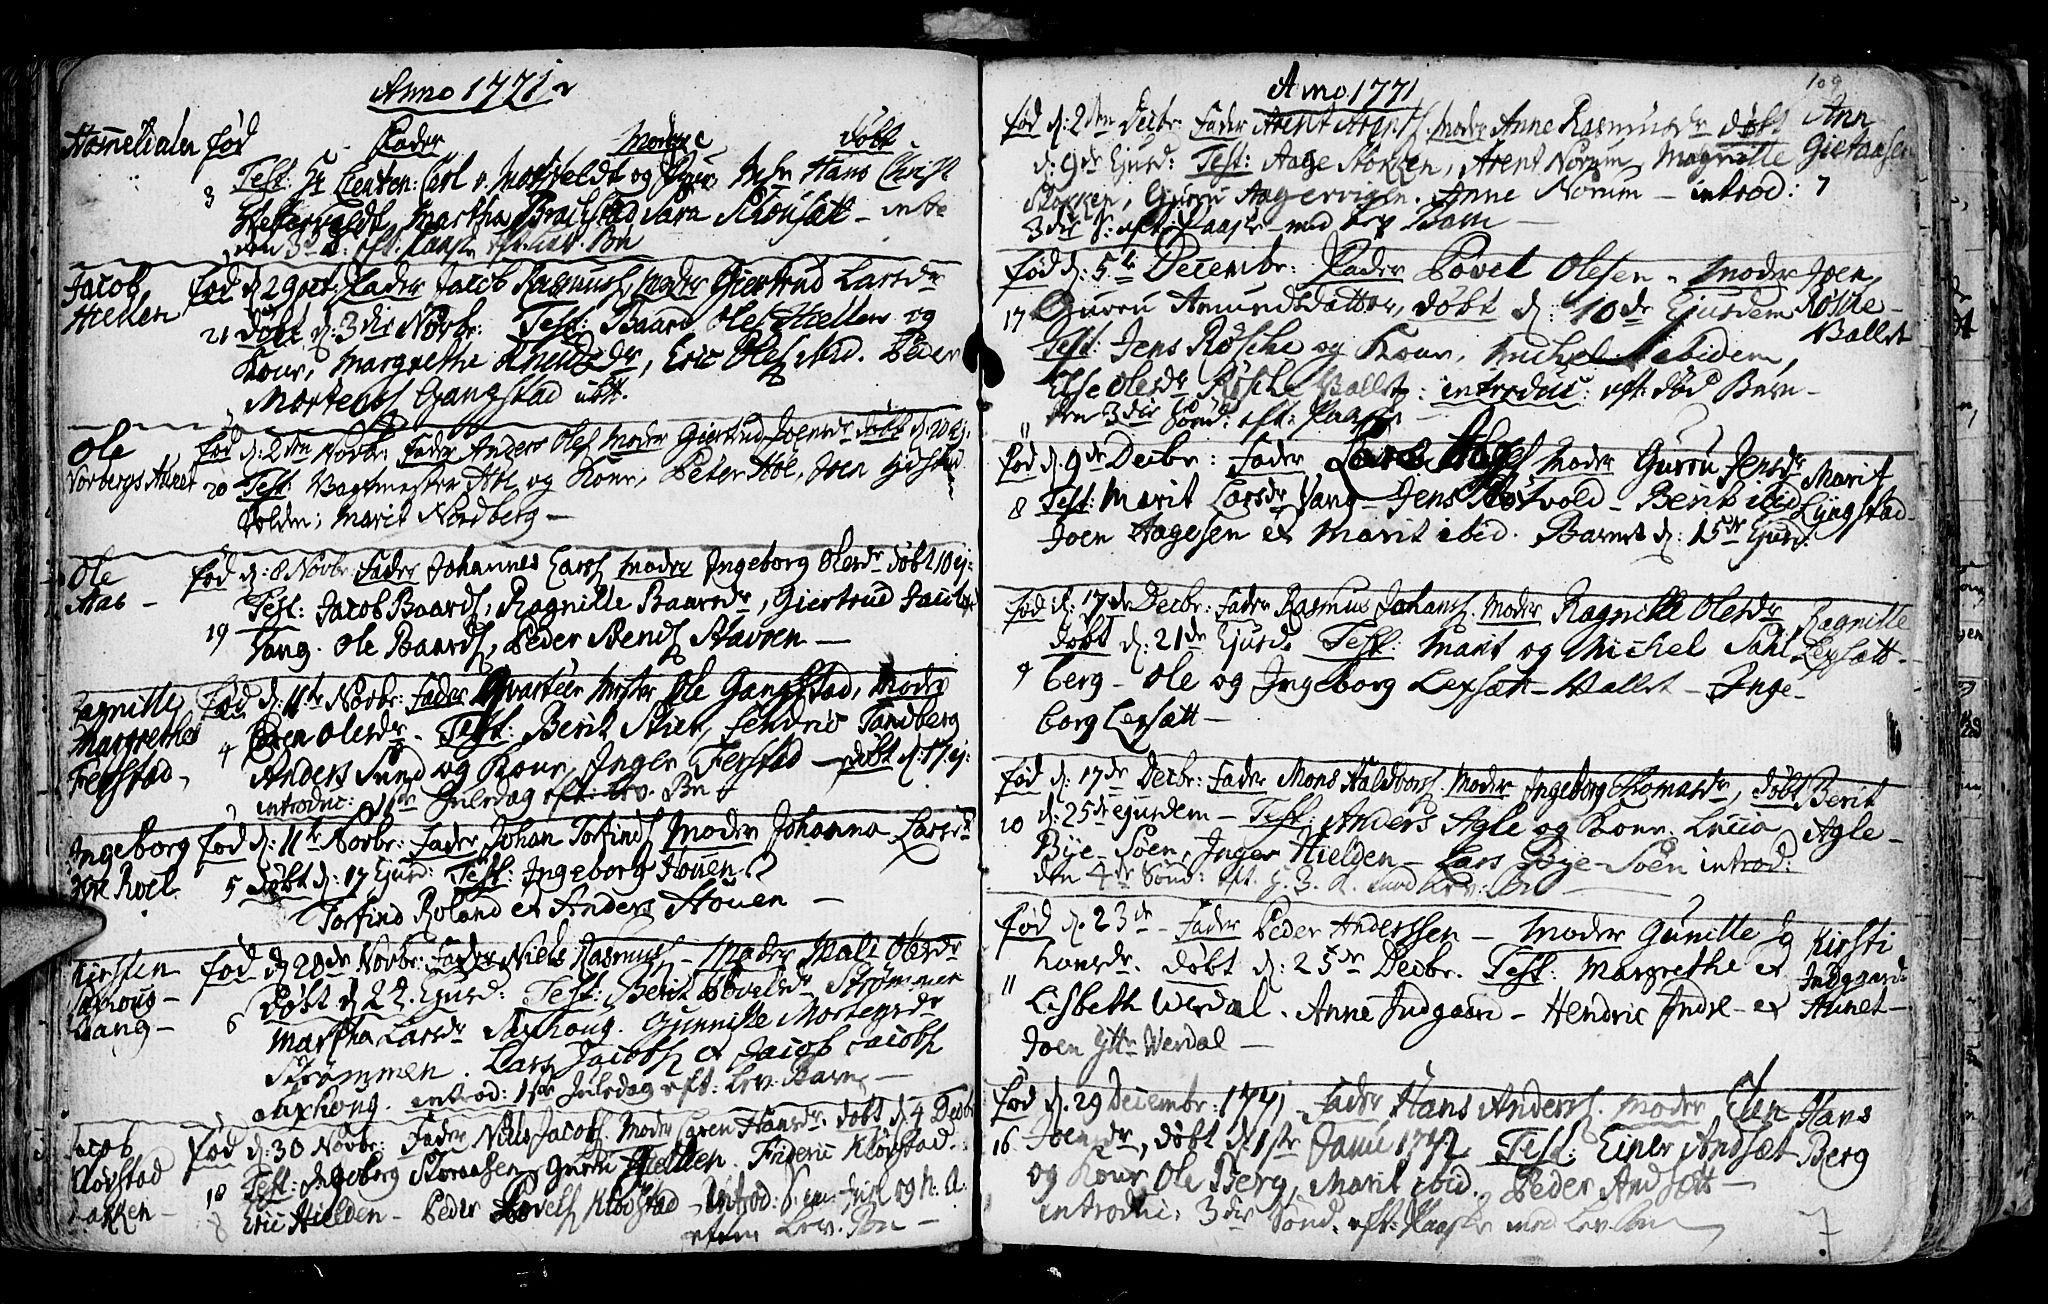 SAT, Ministerialprotokoller, klokkerbøker og fødselsregistre - Nord-Trøndelag, 730/L0273: Ministerialbok nr. 730A02, 1762-1802, s. 109